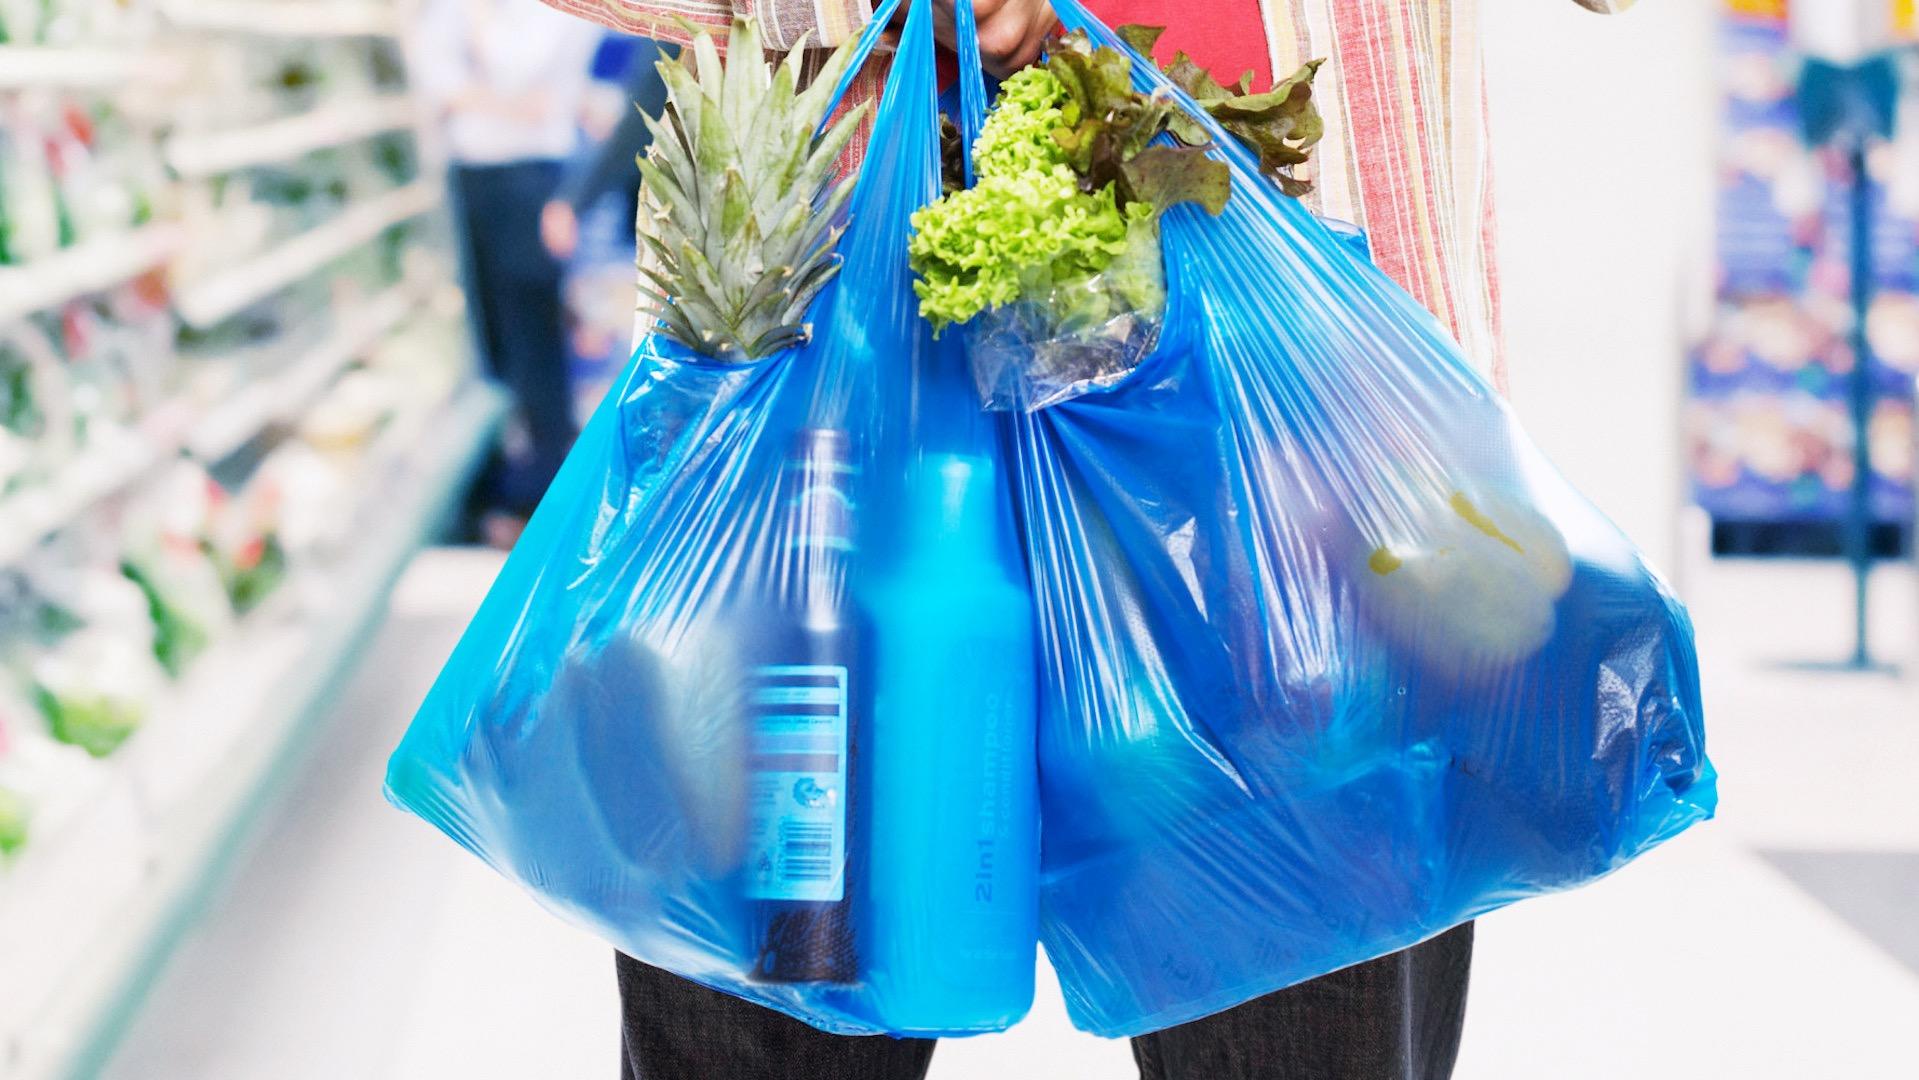 Perú tendrá impuesto al plástico de un solo uso y cobrará por uso de bolsas